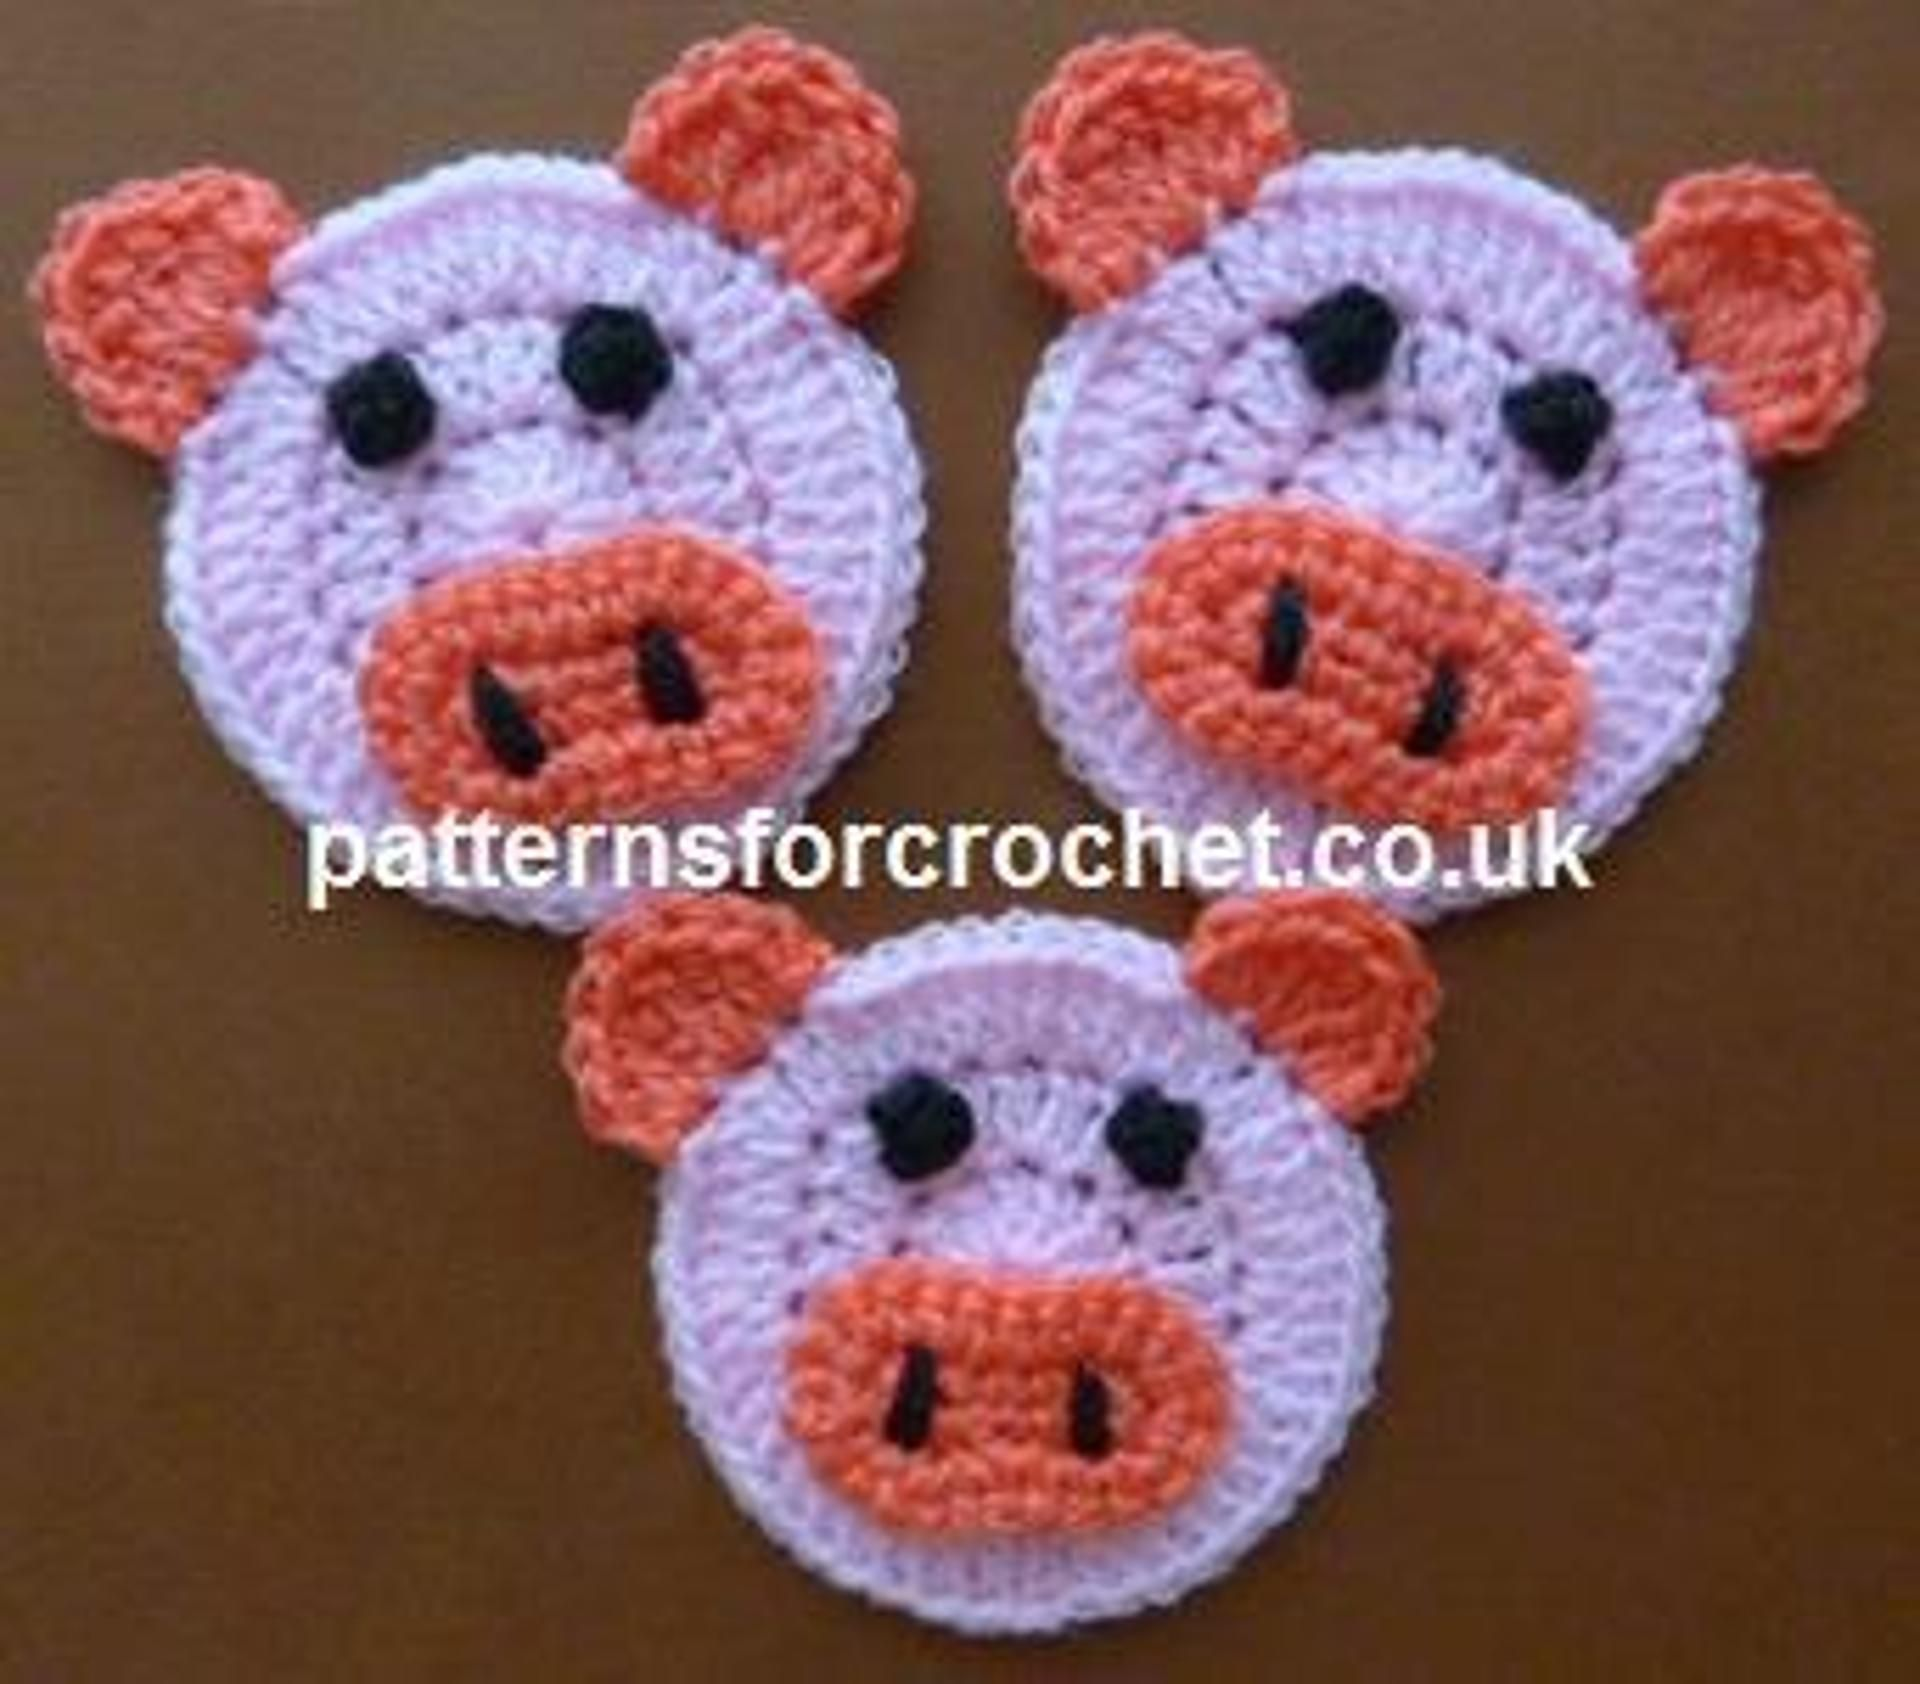 pfc162-Piglet Applique crochet pattern | Craftsy | Crochet ...